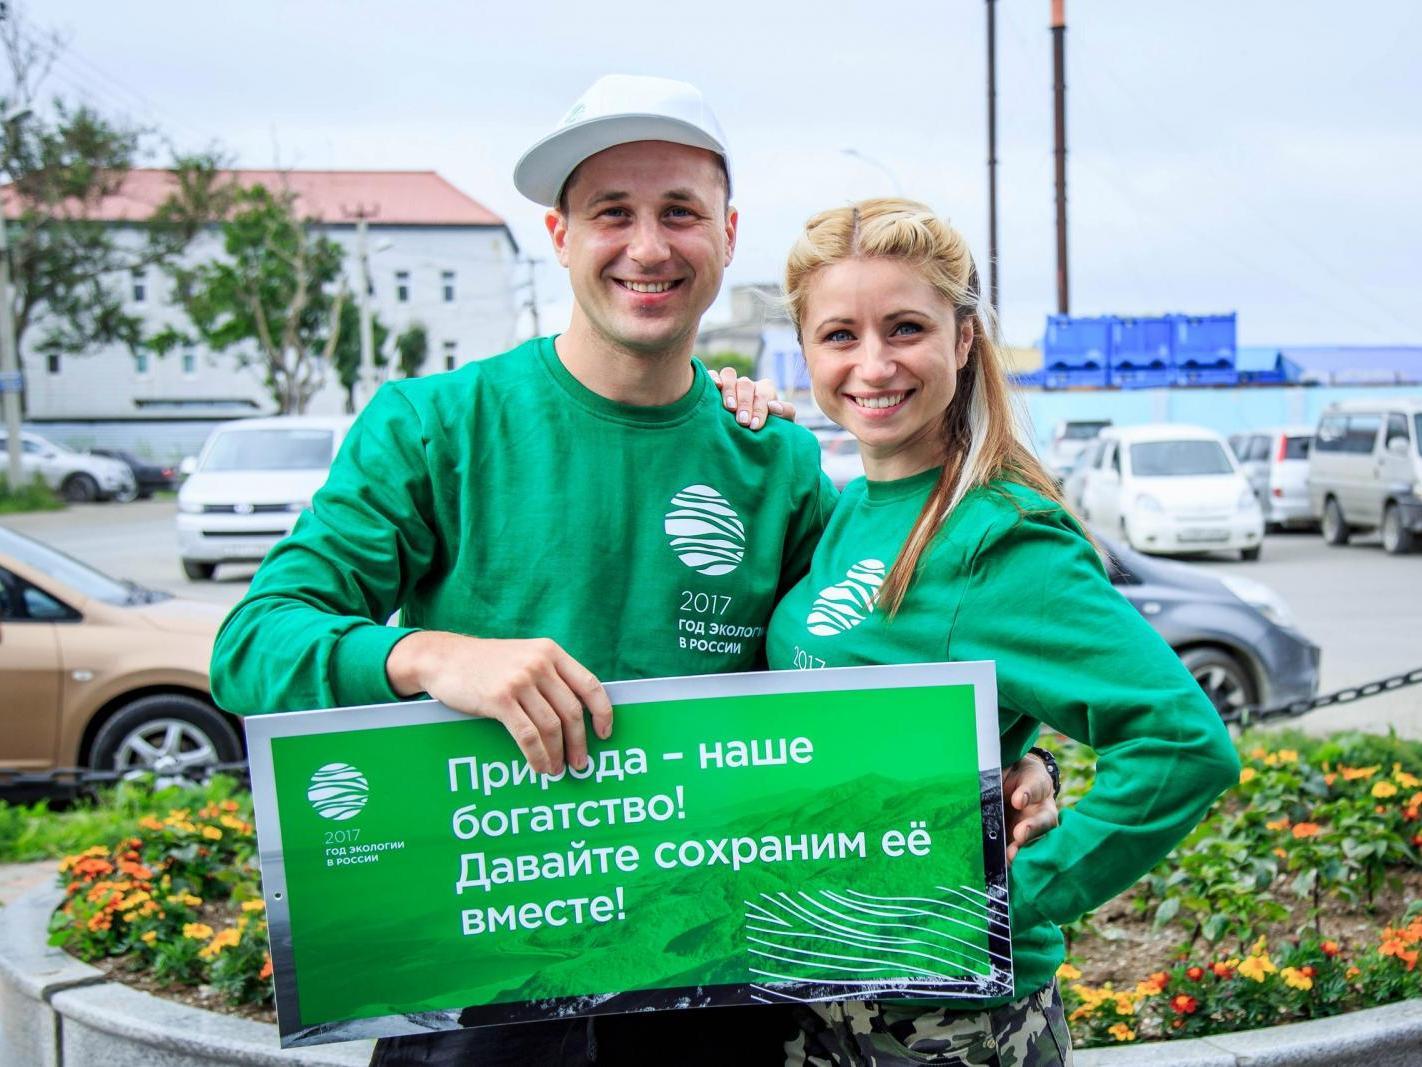 ВПетербурге стартовалIV Всероссийский молодежный экологический форум